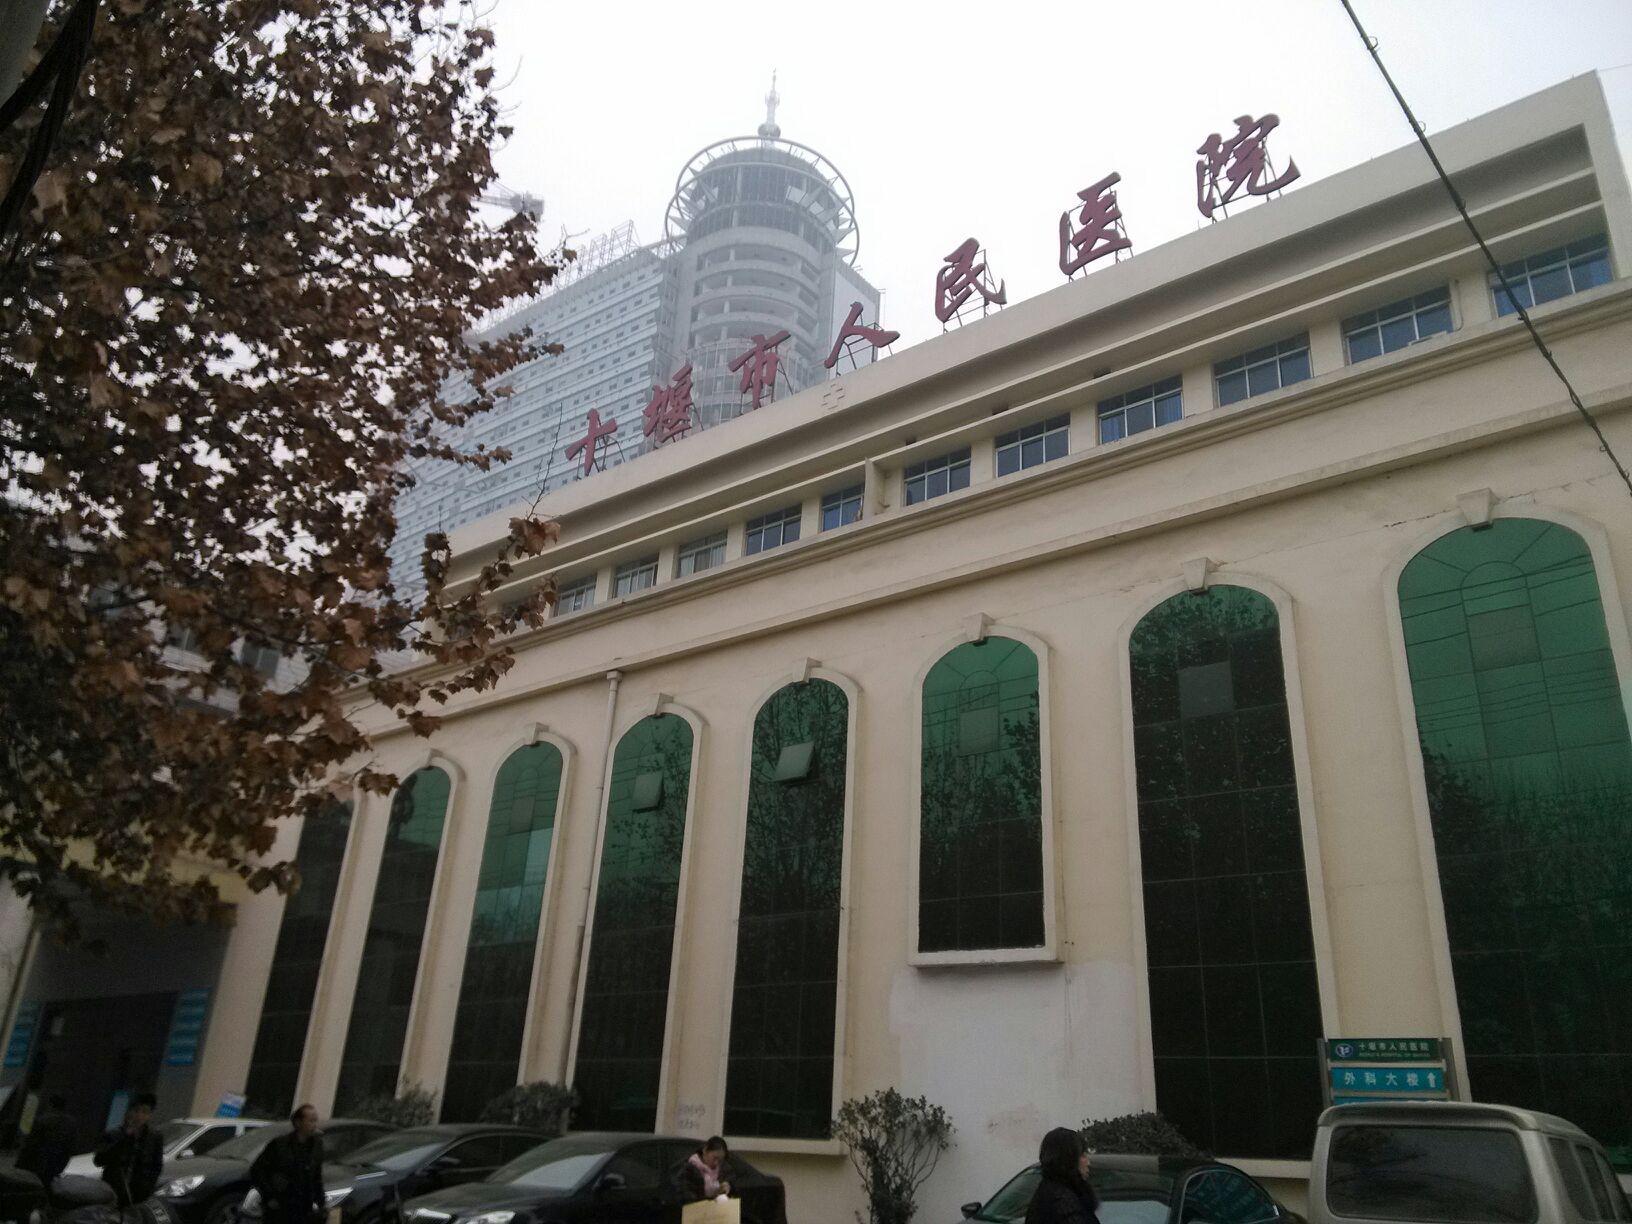 十堰人民医院体检中心大楼